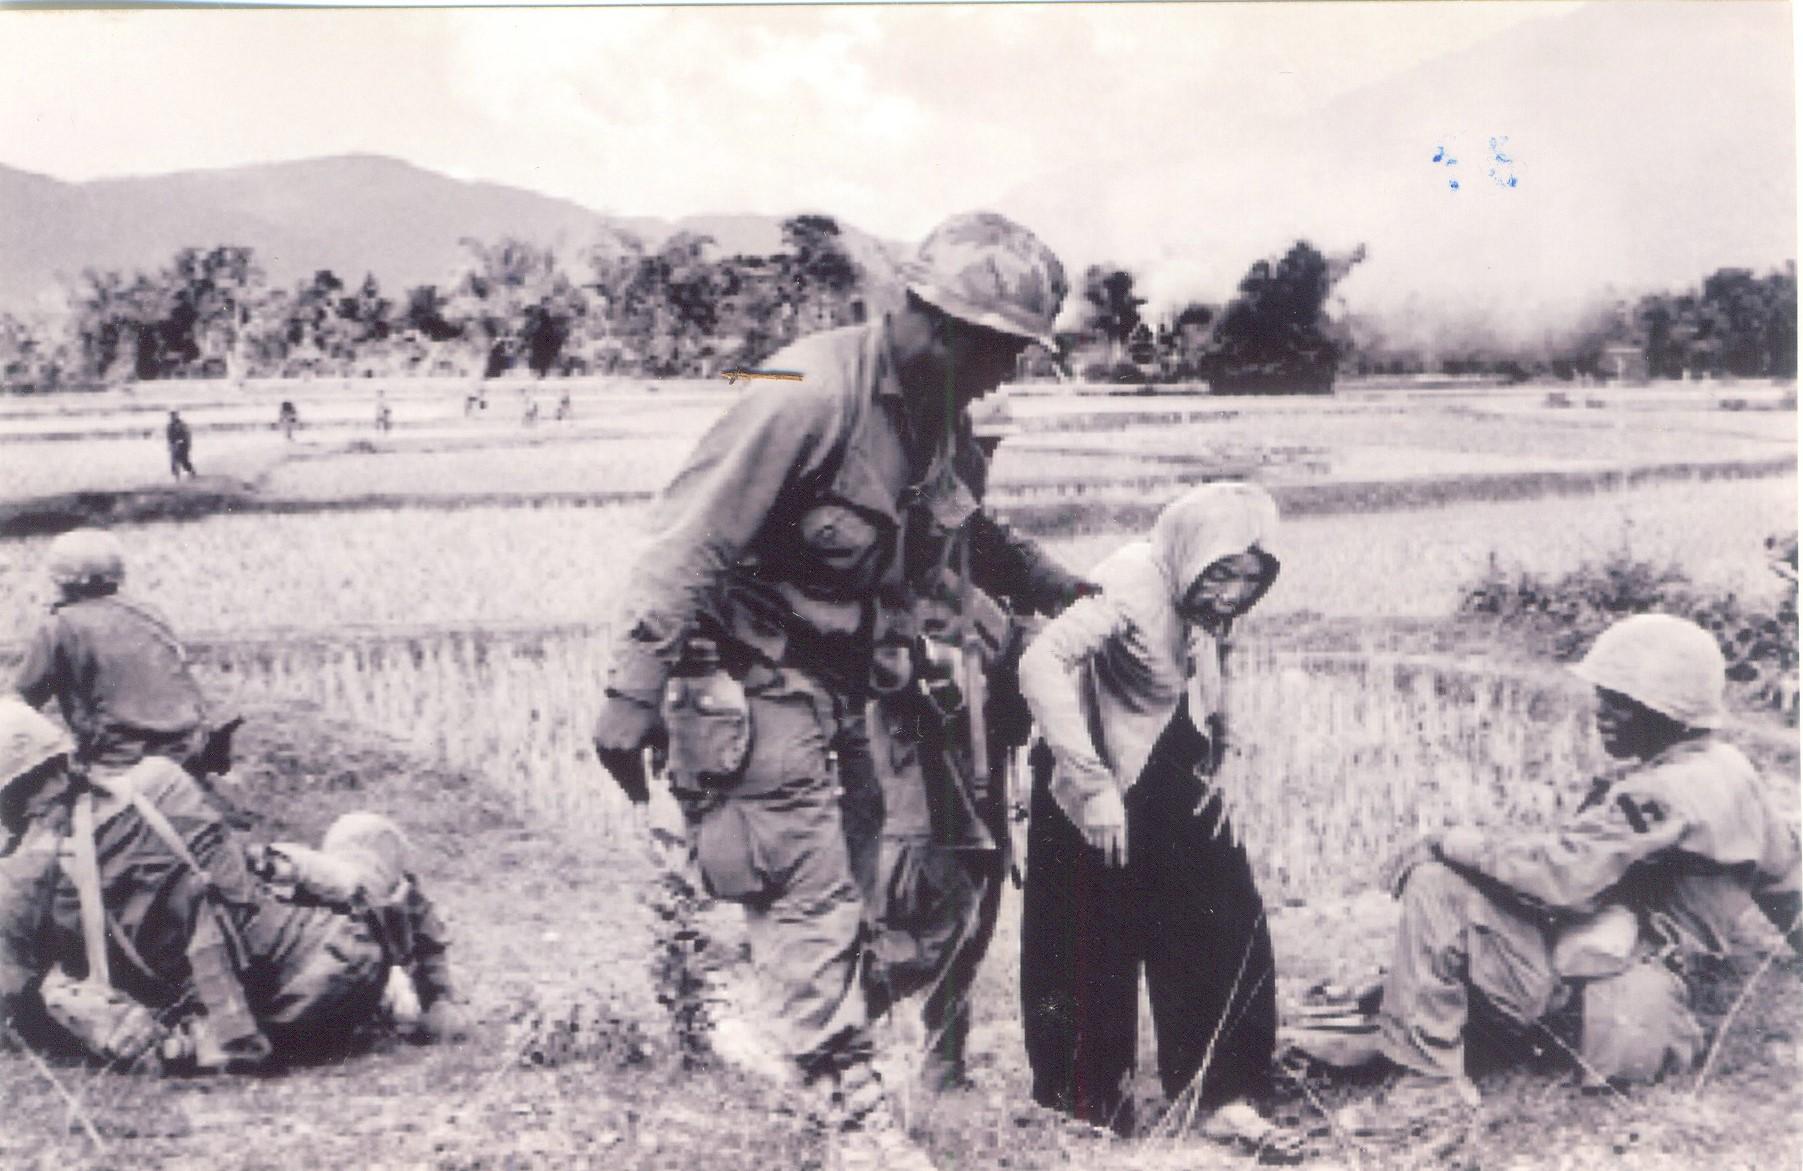 Nhìn lại chiến tranh Việt Nam qua những bức ảnh của AP - 18